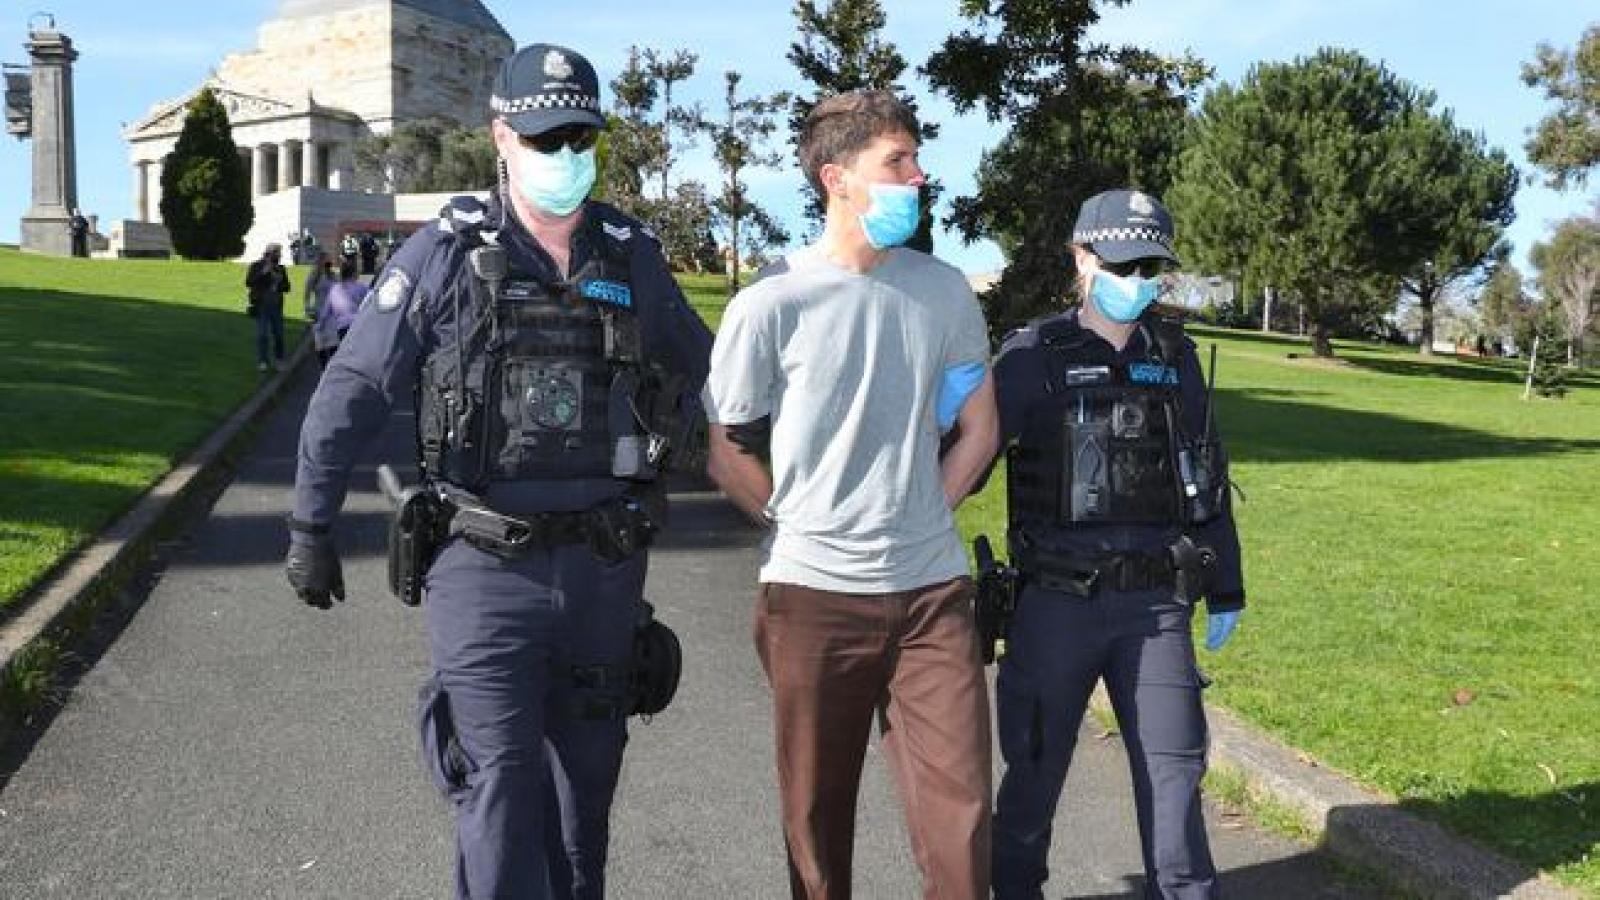 Bang Australia xử lý việc không chịu nộp phạt liên quan đến Covid-19